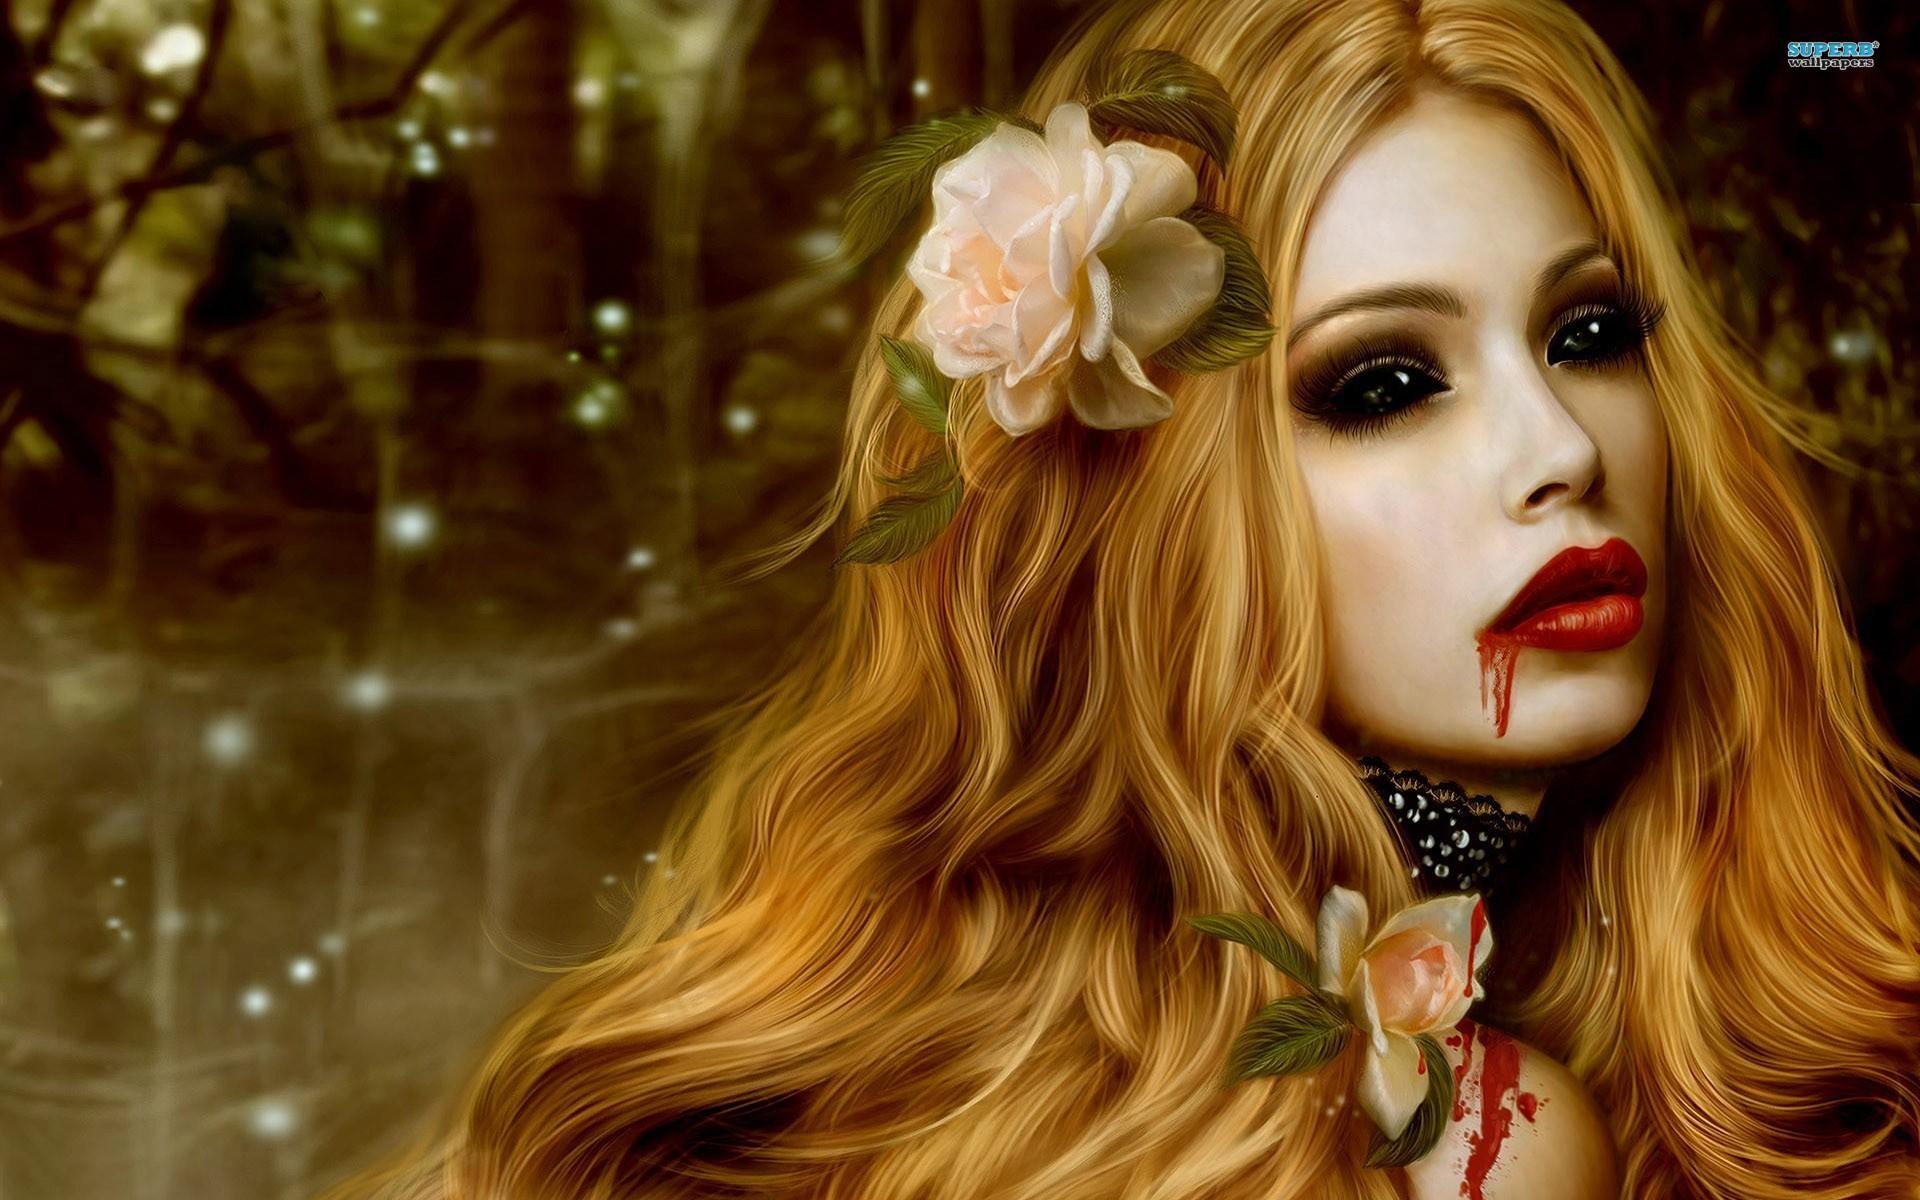 Реальные фото с девушками вампирами